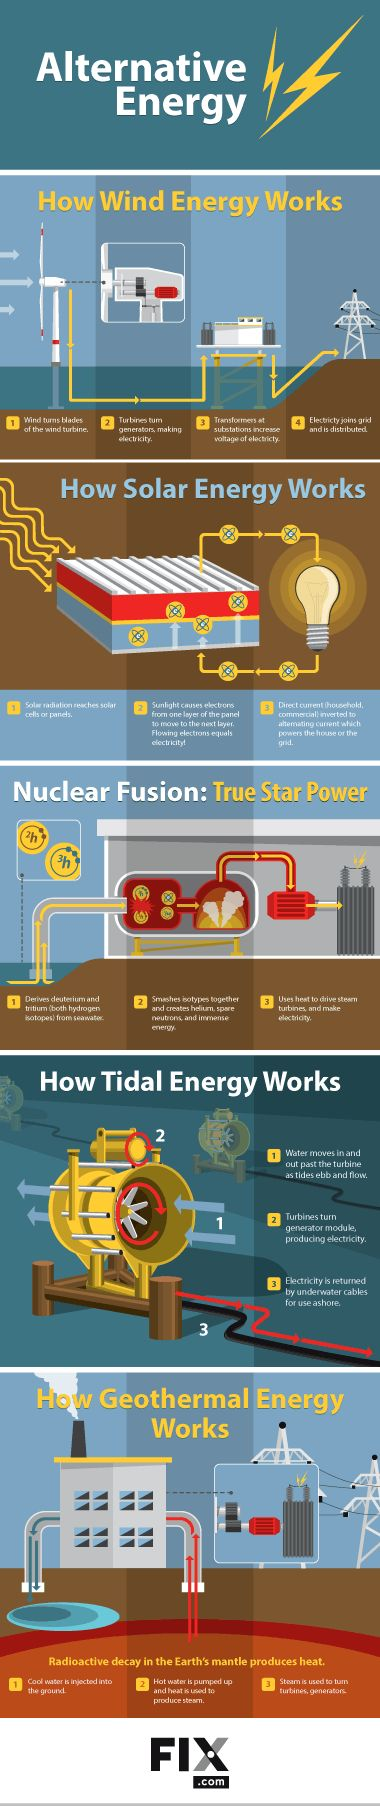 Understanding Renewable Energy | Fix.com